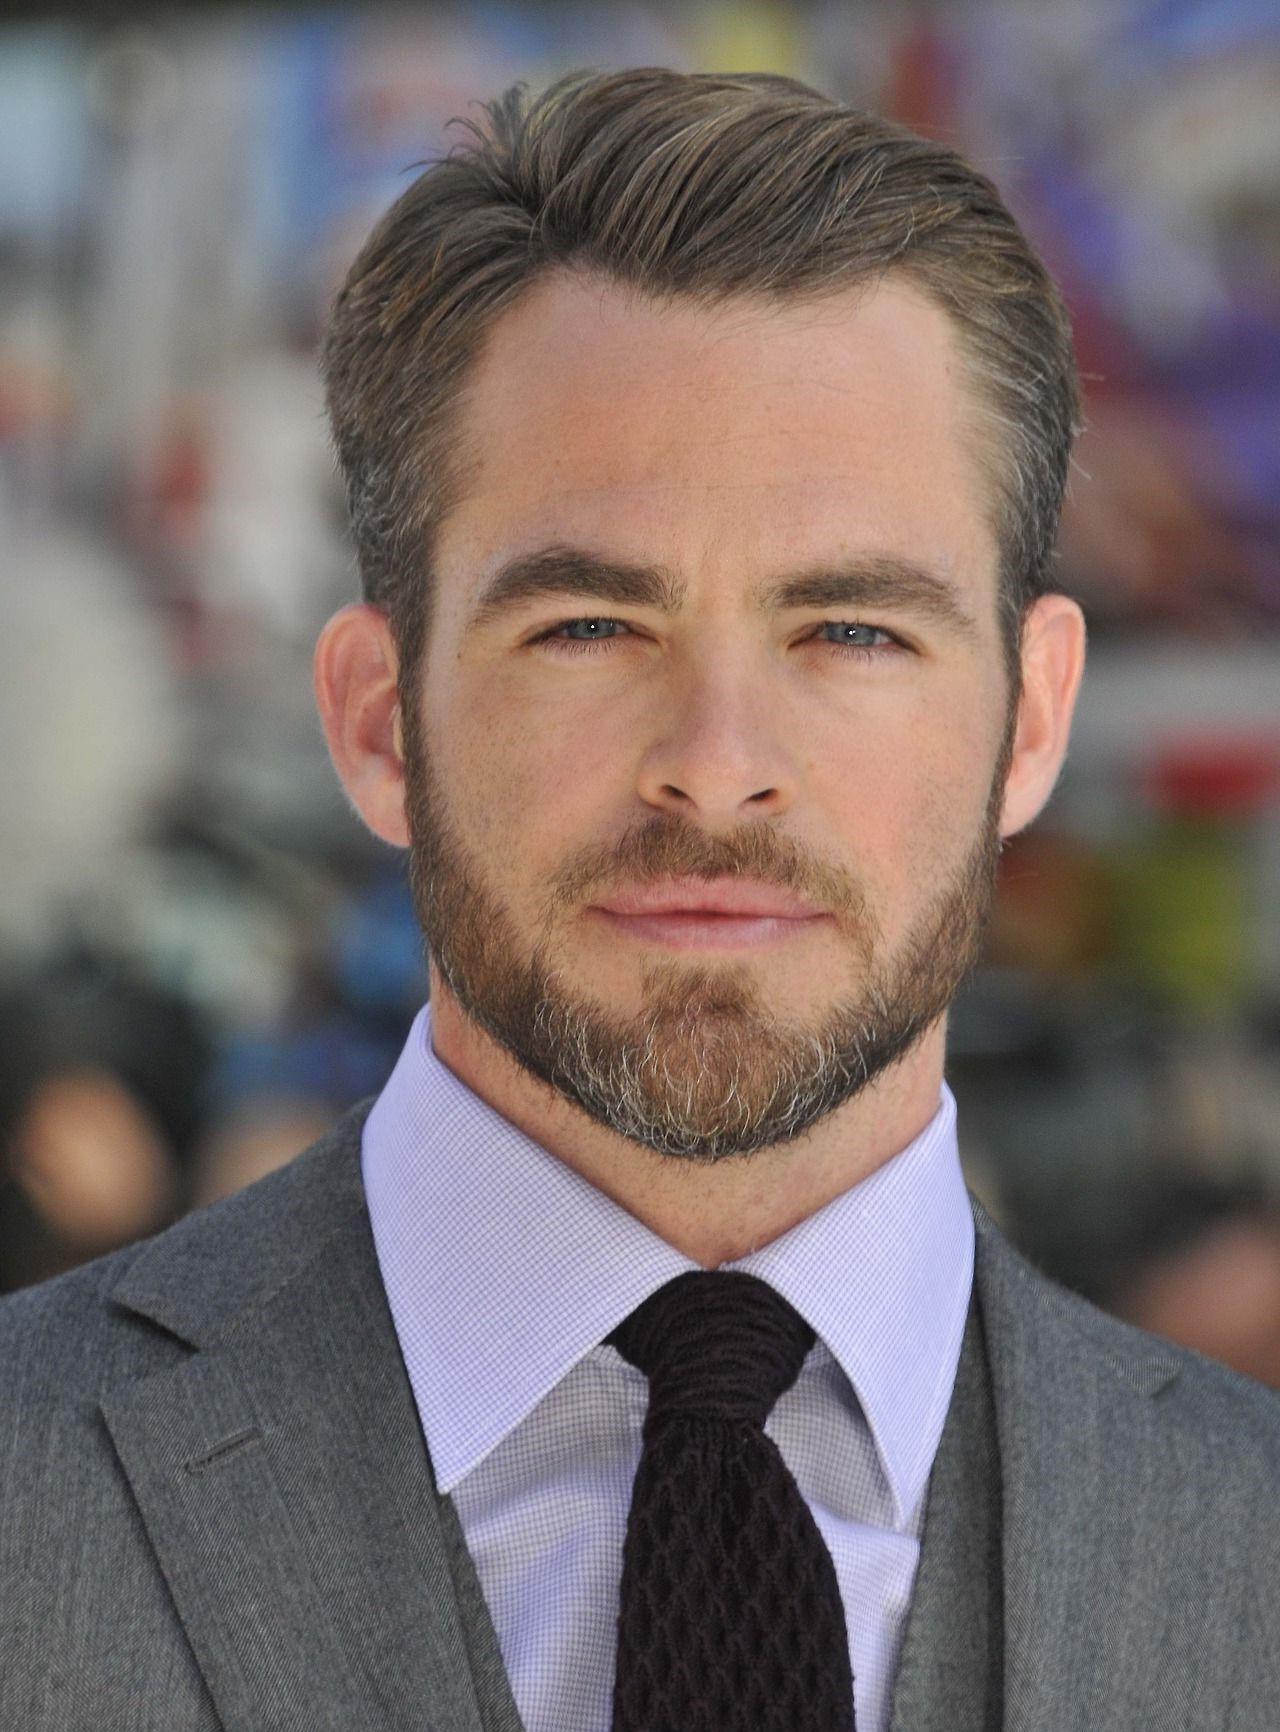 Le baume à barbe a deux fonctions différentes: le conditionnement et le coiffage.